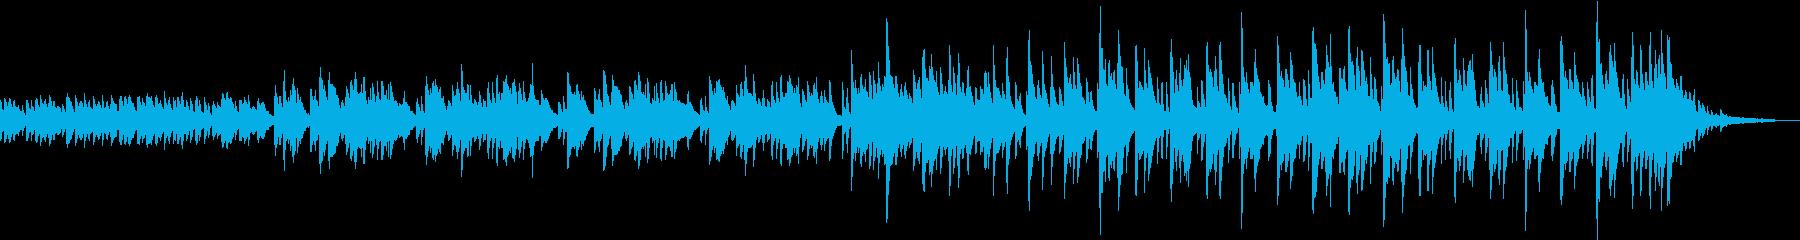 ピアノソロの壮大なバラードの再生済みの波形